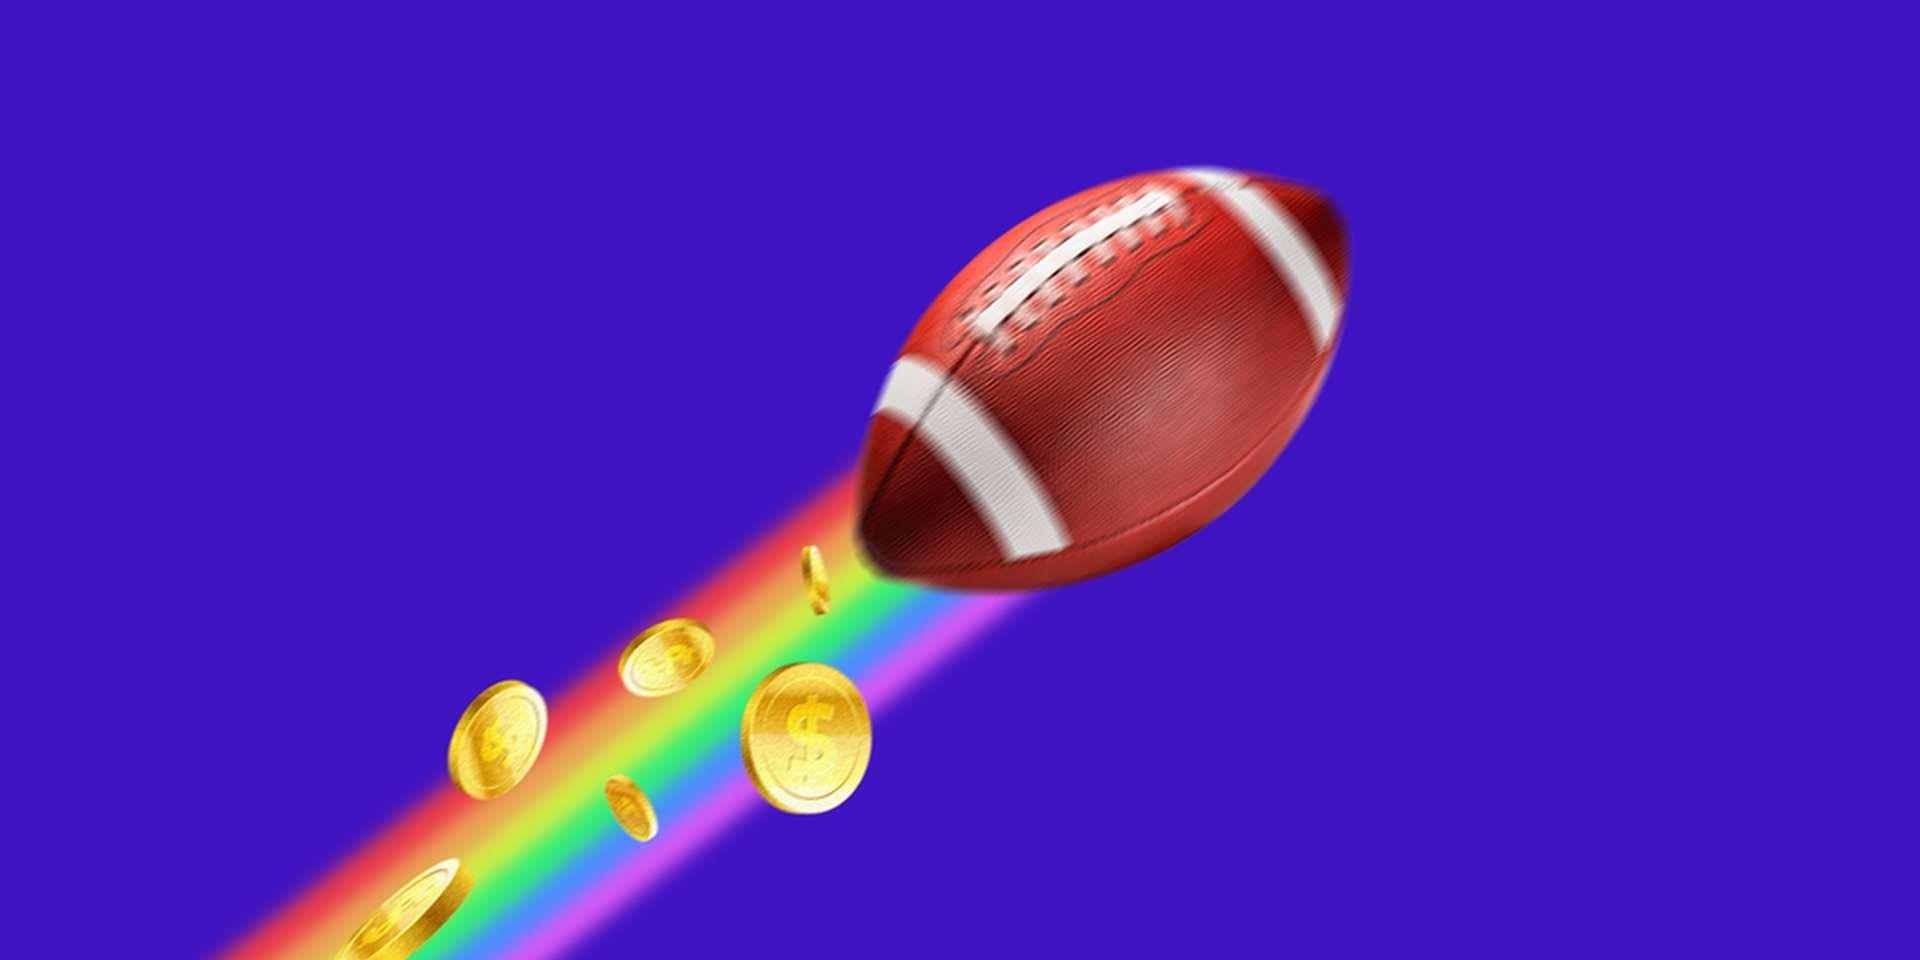 Empresas de mídia estão lançando novos shows e serviços para lucrar com o boom do jogo esportivo